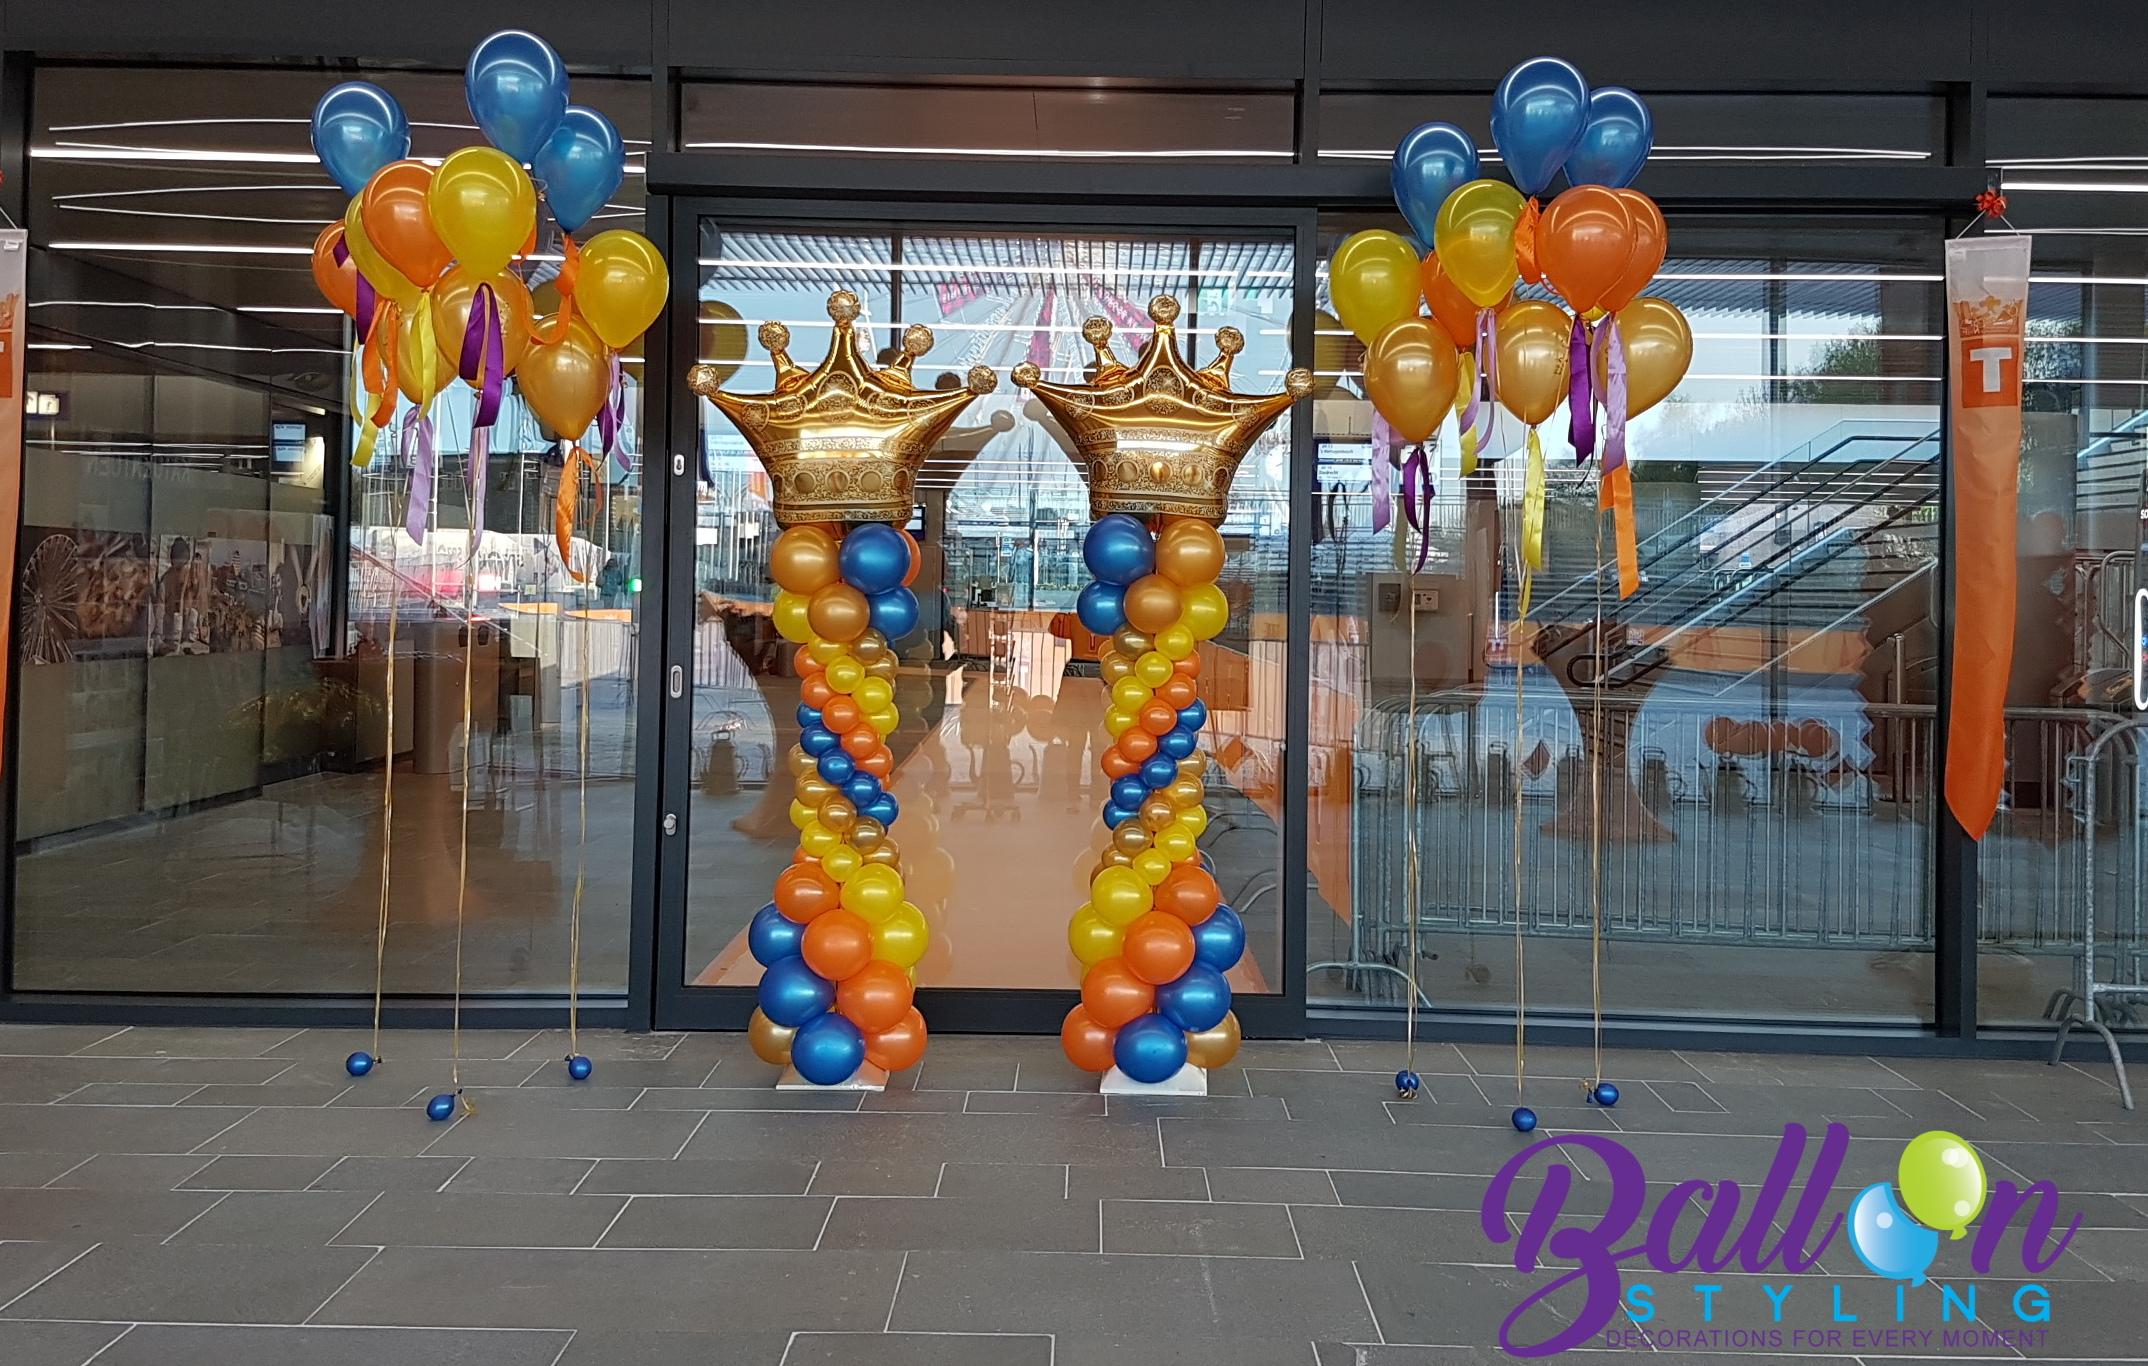 ballonnenpilaar ballonnenpilaren Koningsdag feest verjaardag trouwerij evenement communie Brabant Tilburg Reeshof